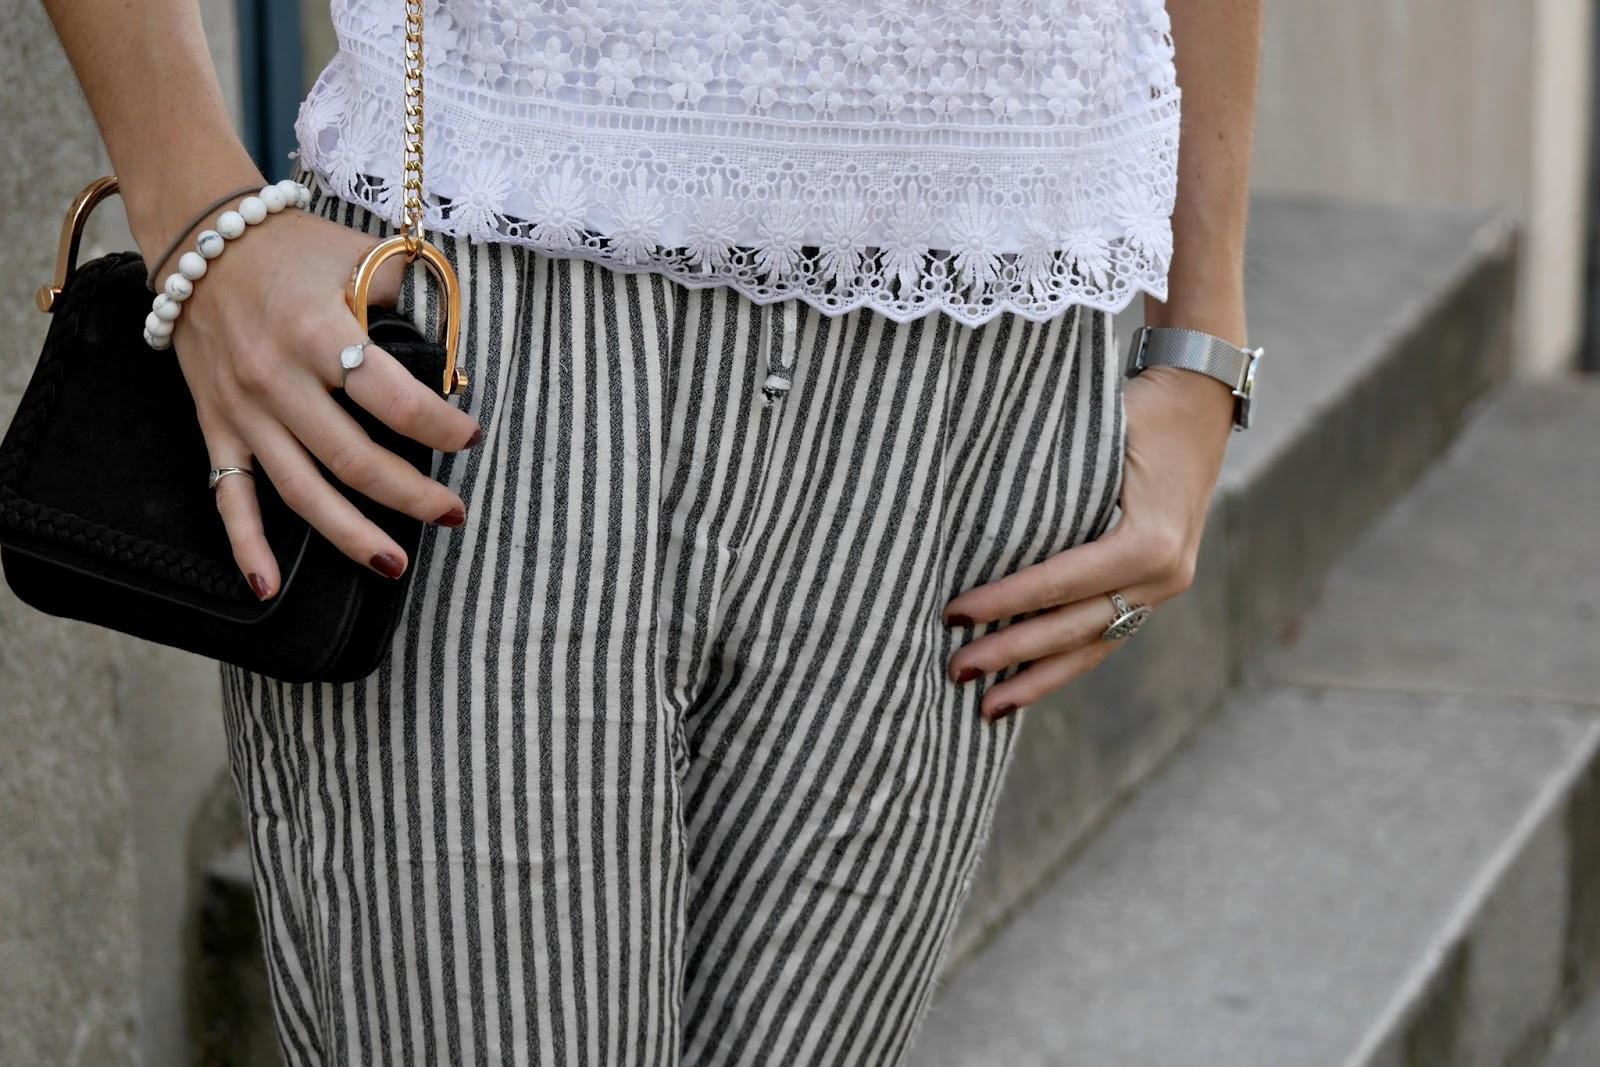 haut dentelle pantalon rayé accessoires sac bijoux